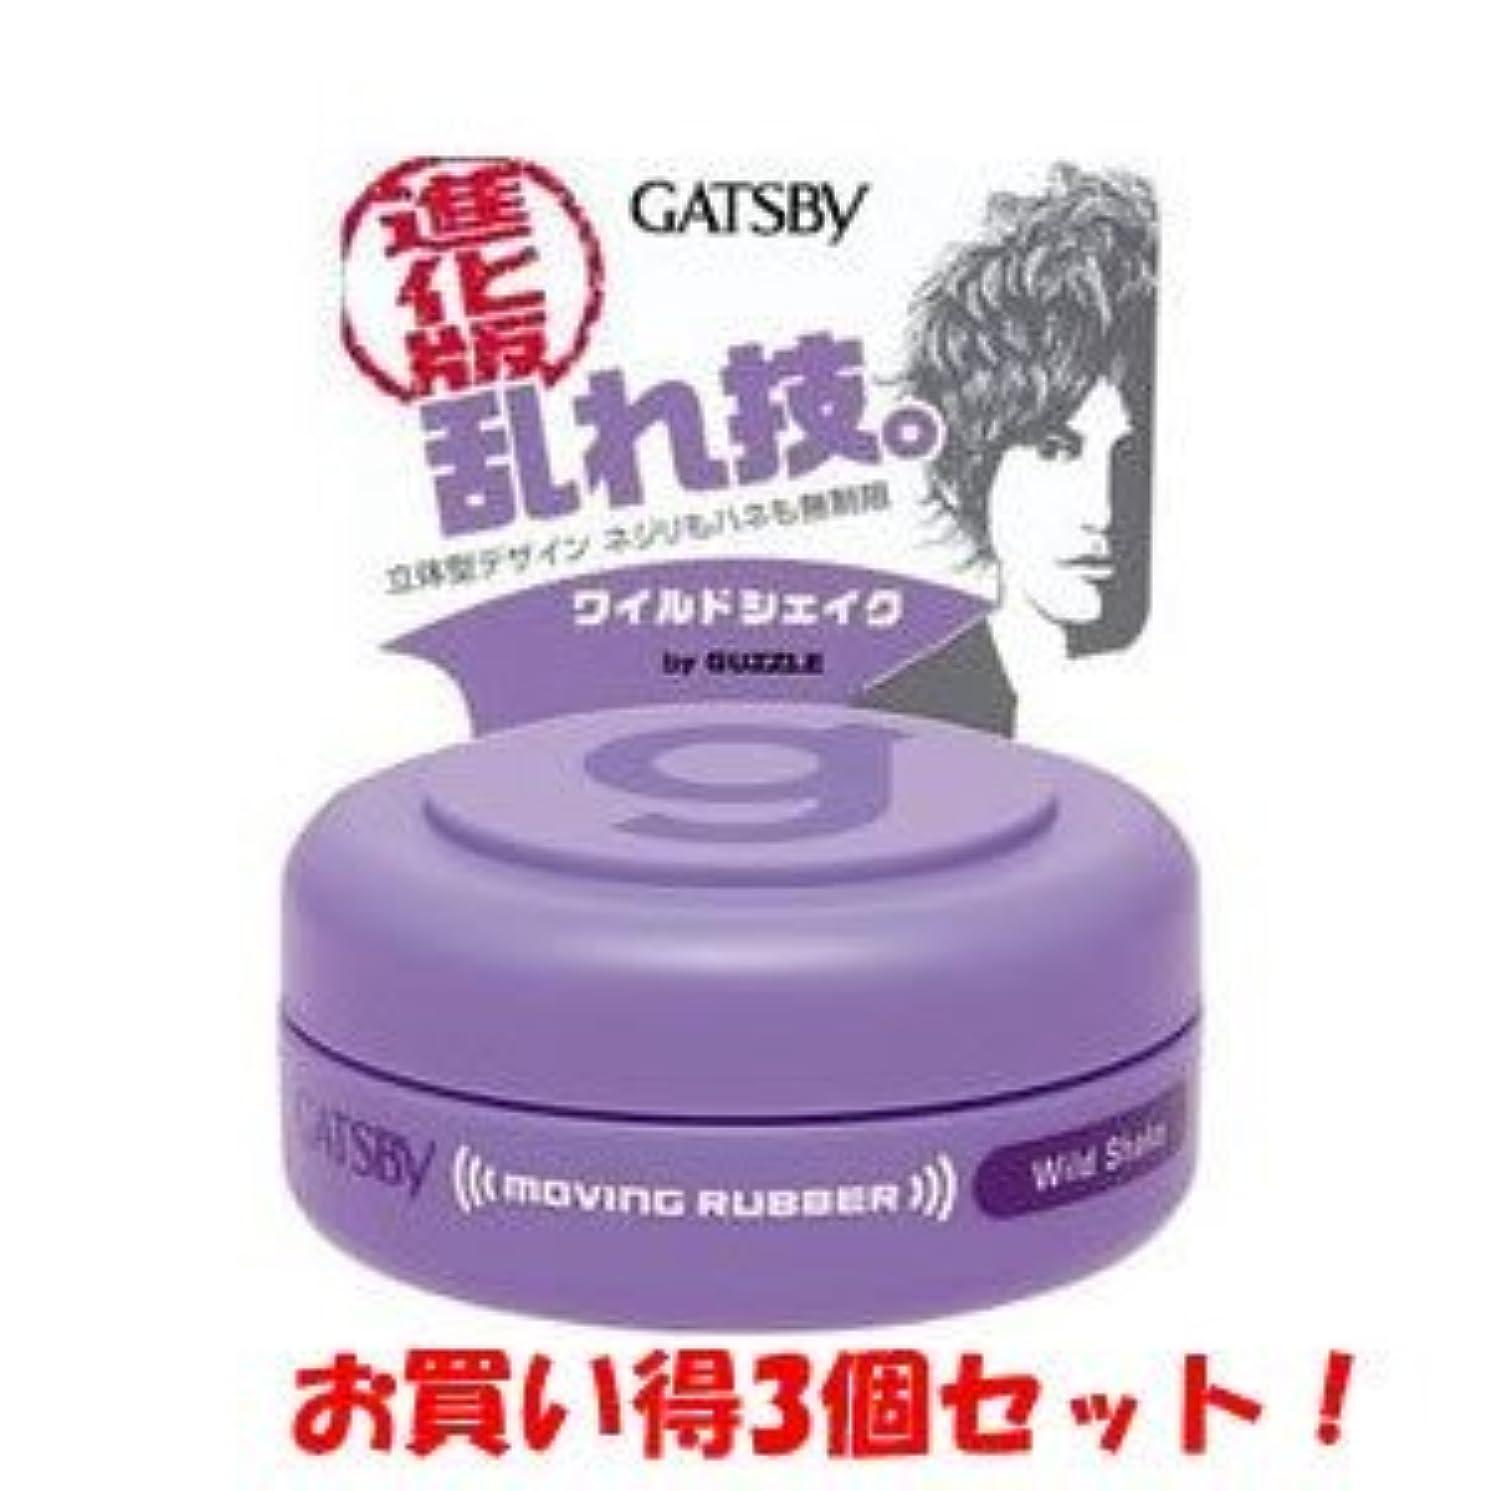 順応性のある急流ミュージカルギャツビー【GATSBY】ムービングラバー ワイルドシェイクモバイル 15g(お買い得3個セット)